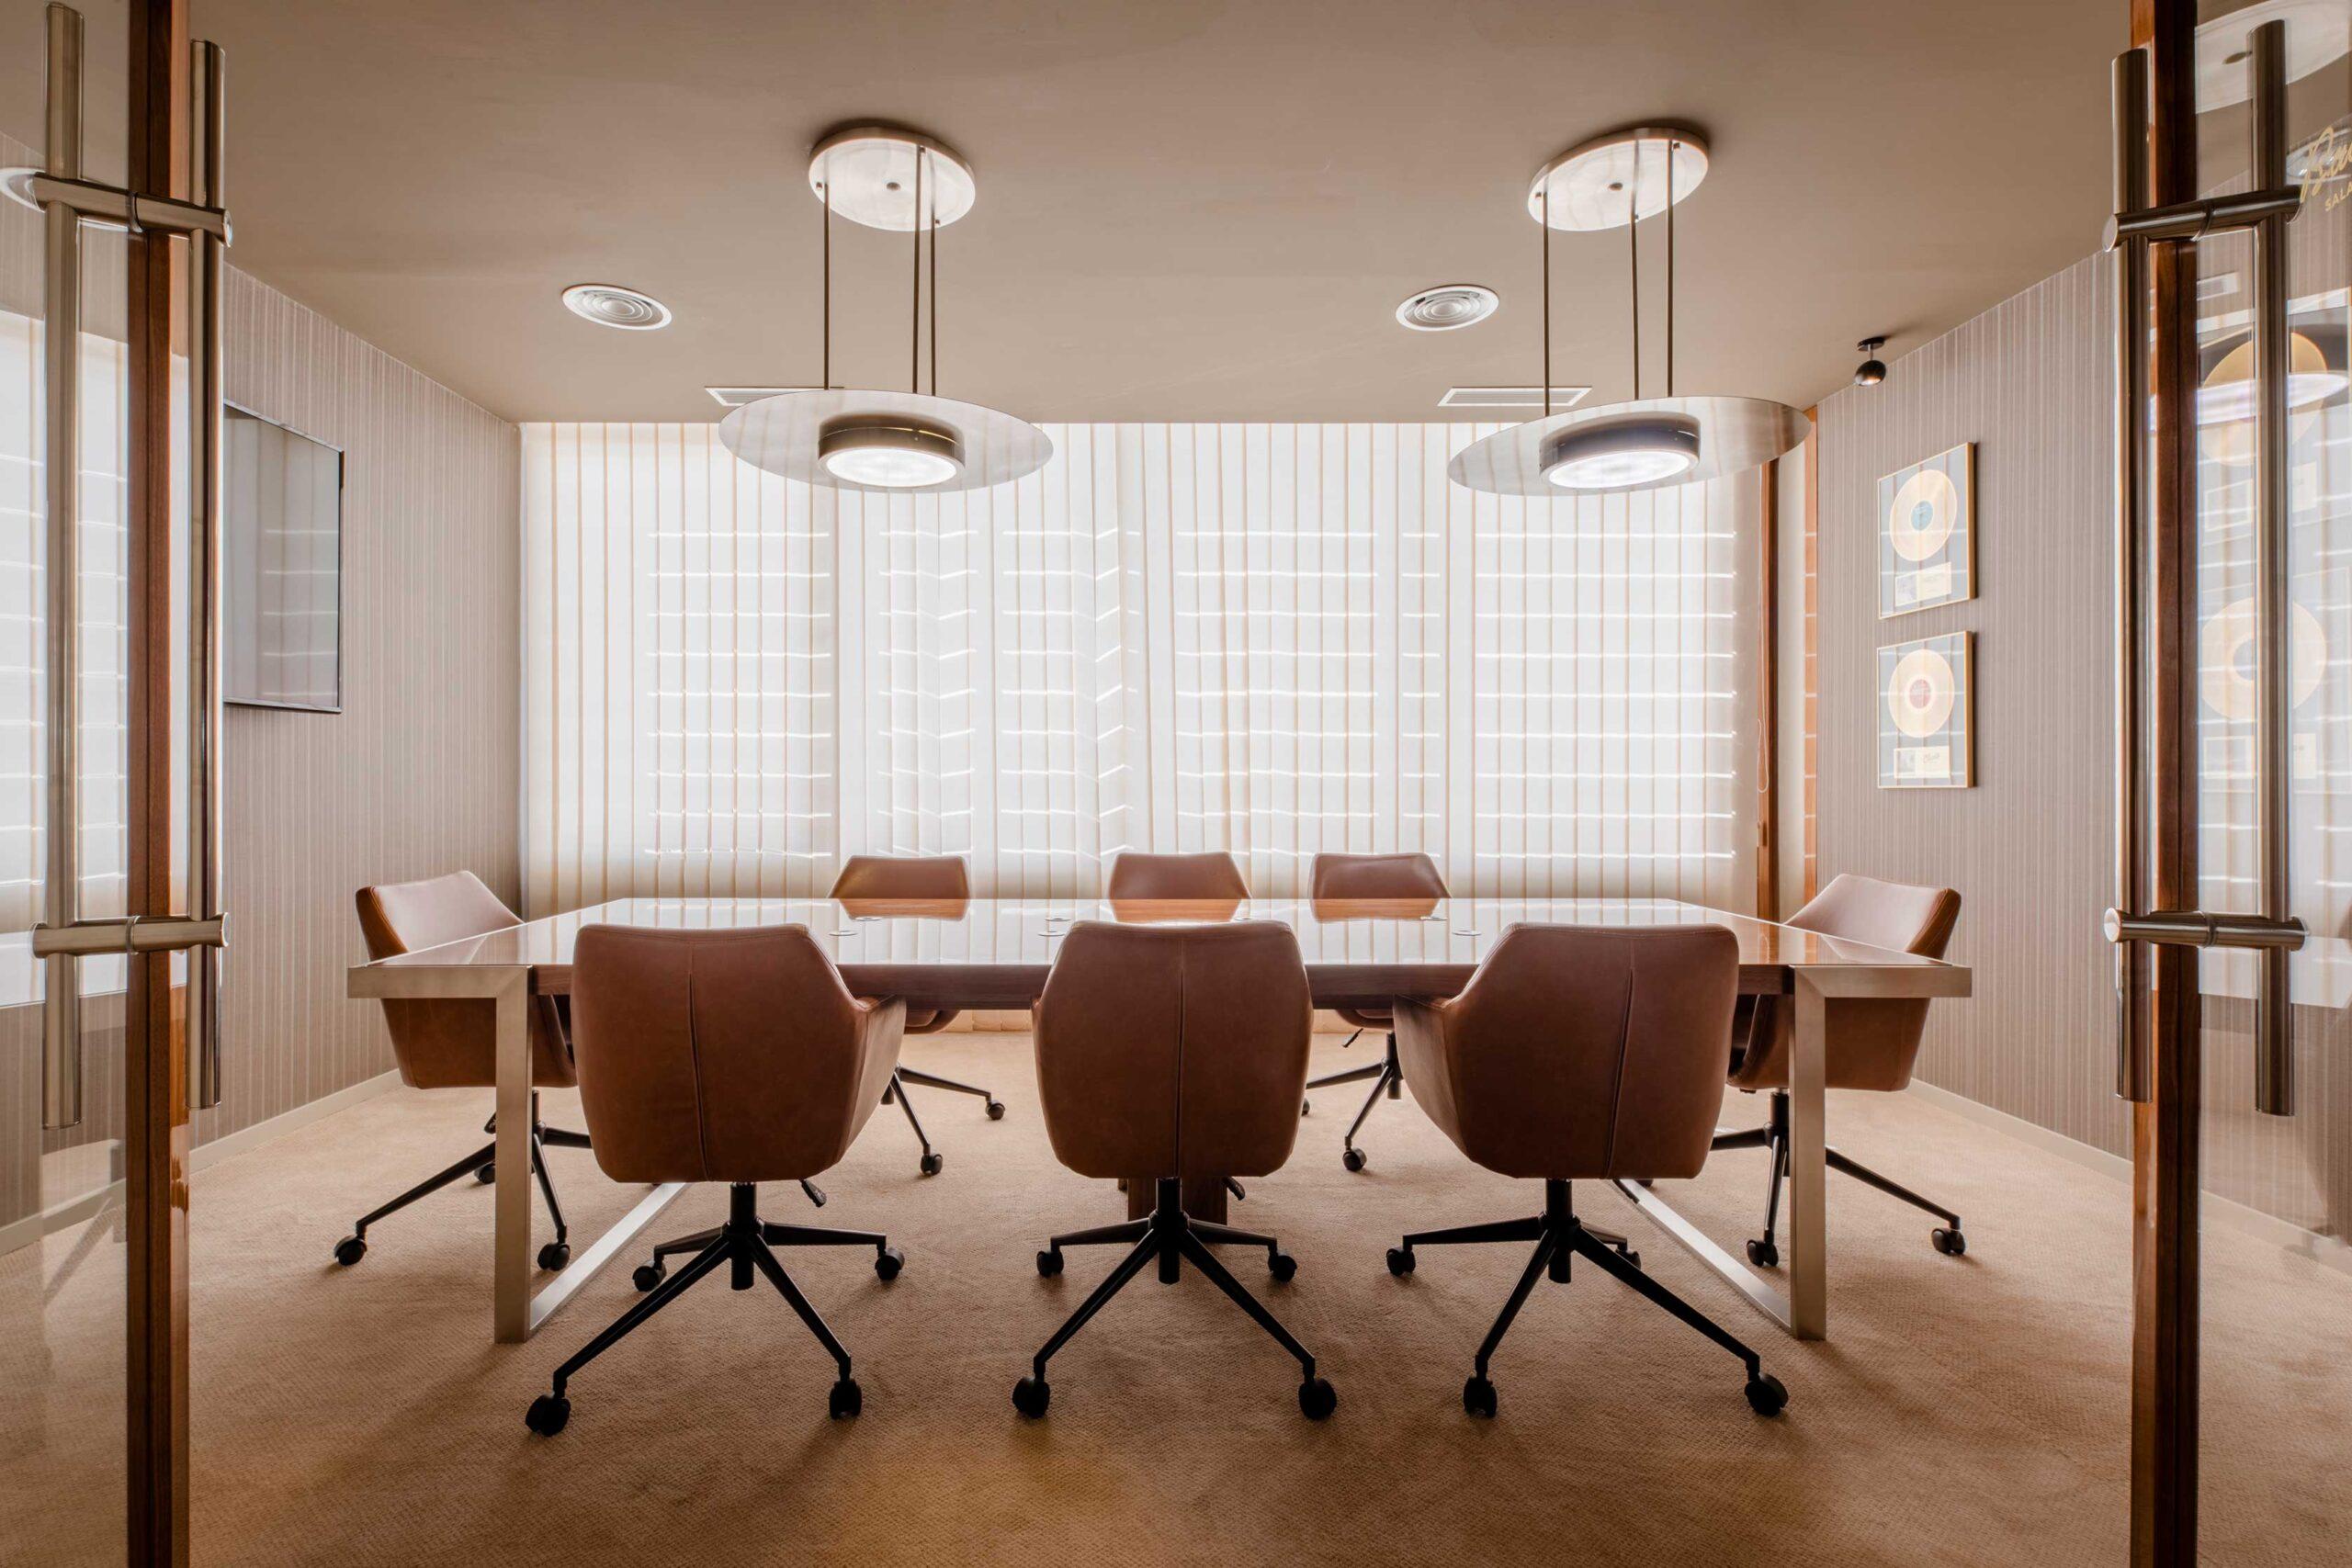 Oficinas Concept, Ibiza (3)